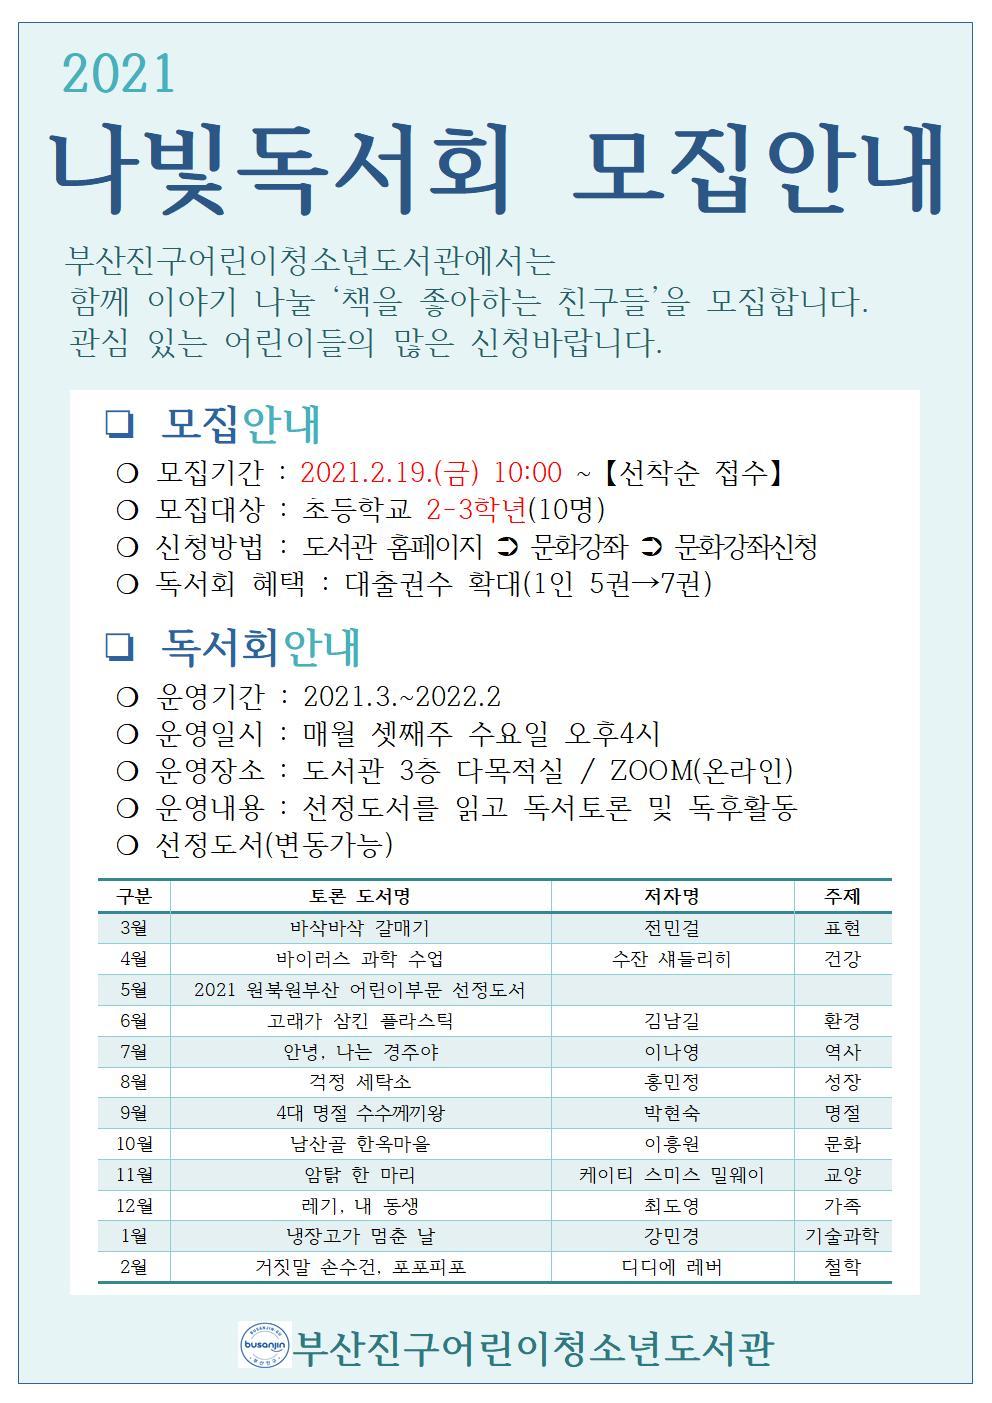 2021년 어린이독서회(나빛독서회) 모집 안내 - 초등 2-3학년